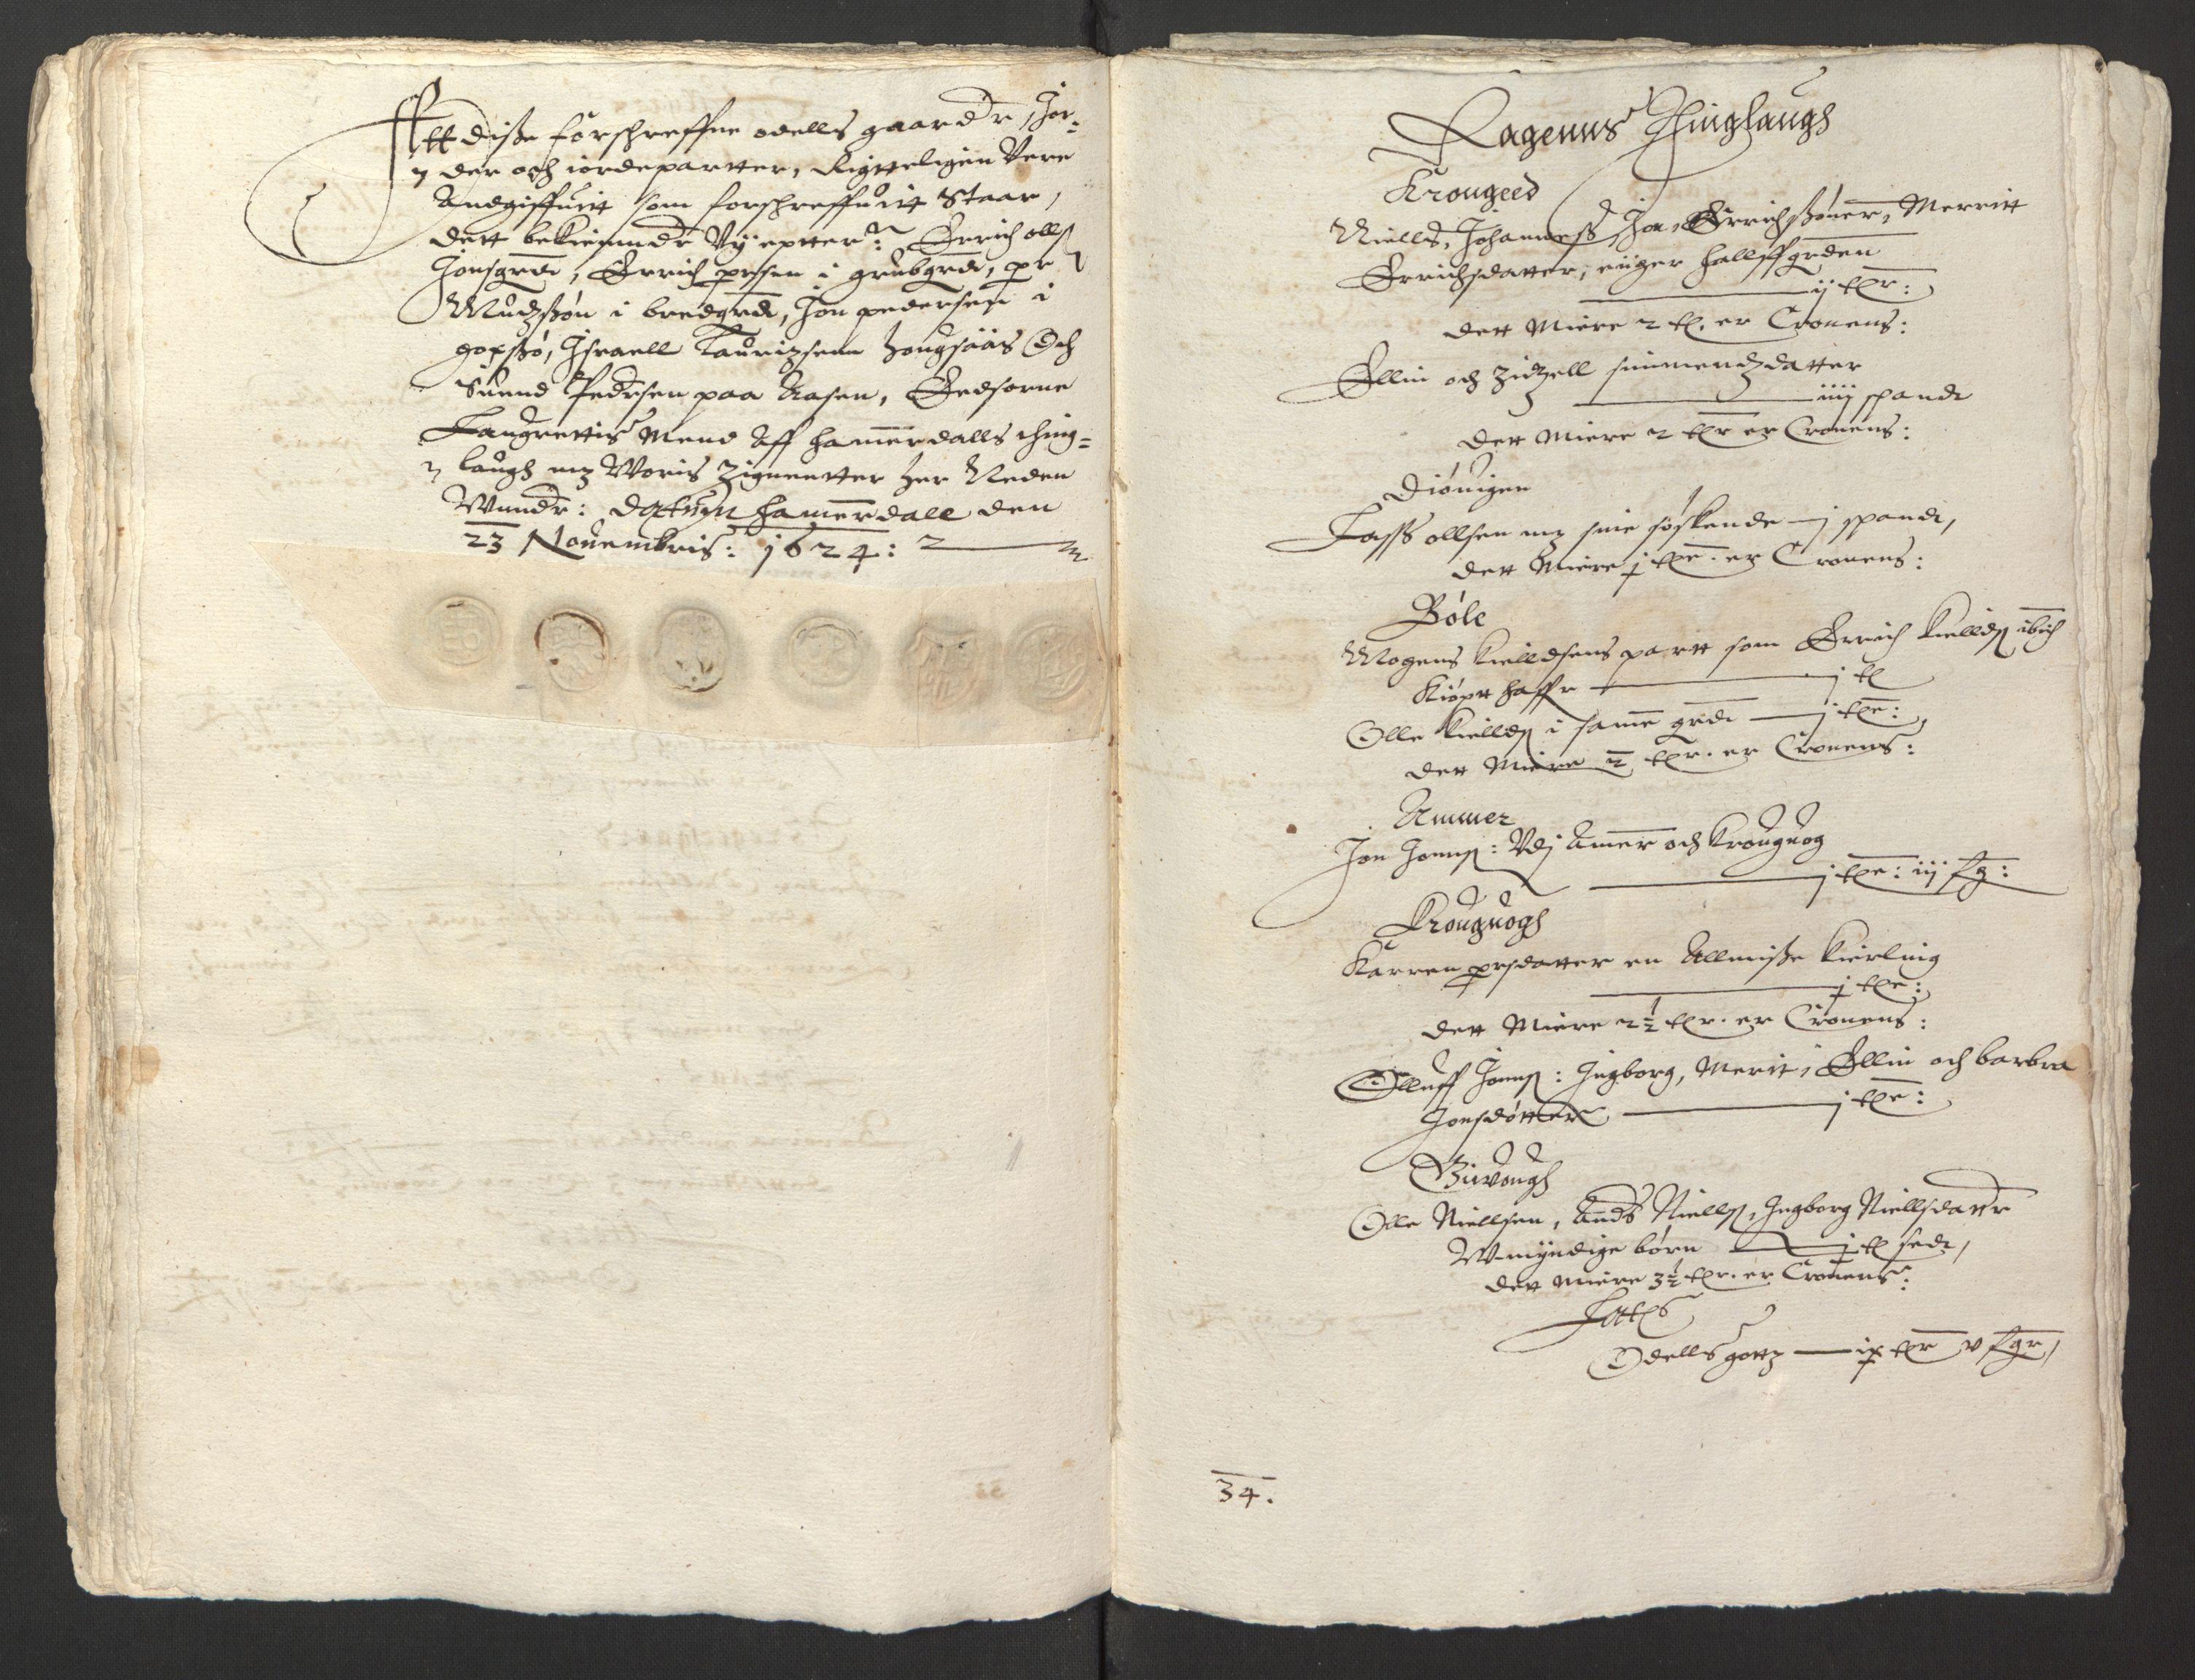 RA, Stattholderembetet 1572-1771, Ek/L0013: Jordebøker til utlikning av rosstjeneste 1624-1626:, 1624-1625, s. 129